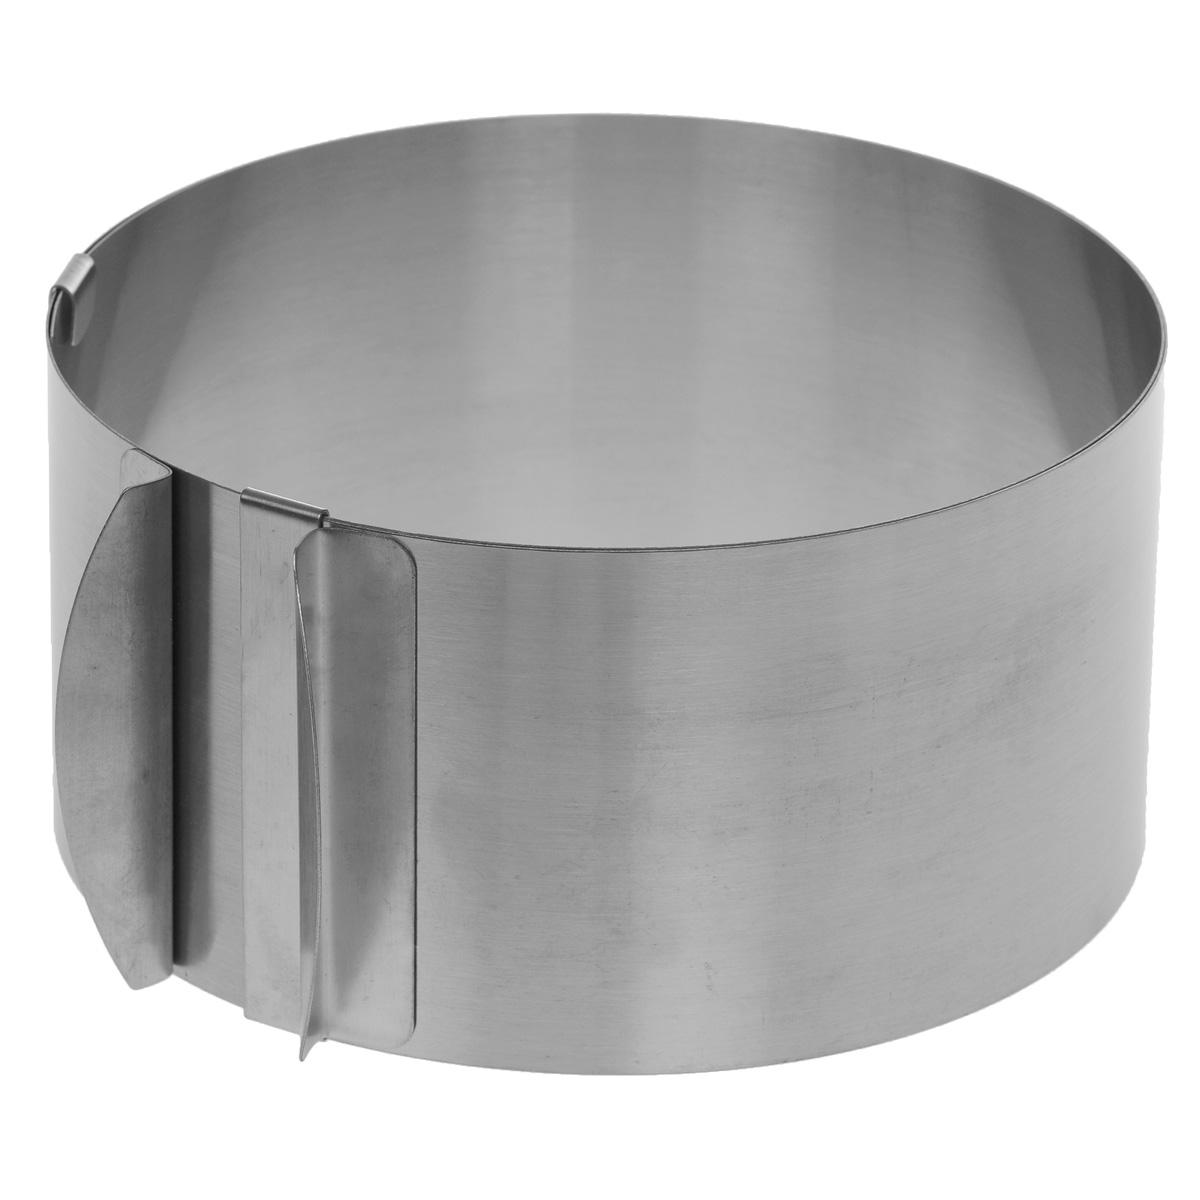 Форма для сборки тортов,салатов, закусок, десертов Cake Mould, раздвижная, диаметр 16-30 см94672Форма для сборки тортов, салатов, закусок, десертов Cake Mould выполнена из высококачественной нержавеющей стали. Отличительной особенностью данной формы является раздвижная конструкция, благодаря которой форма может изменять диаметр от 16 см до 30 см. На внутренней стенке имеется шкала с диаметрами.Такая форма станет незаменимым помощником на вашей кухне.Можно мыть в посудомоечной машине.Диаметр формы: 16-30 см. Высота стенок: 8,5 см. * Победитель номинации «Лучшая собственная торговая марка в сегменте ONLINE»Премия PRIVATE LABEL AWARDS (by IPLS) —международная премия в области собственных торговых марок, созданная компанией Reed Exhibitions в рамках выставки «Собственная Торговая Марка» (IPLS) 2016 с целью поощрения розничных сетей, а также производителей продовольственных и непродовольственных товаров за их вклад в развитие качественных товаров private label, которые способствуют росту уровня покупательского доверия в России и СНГ.